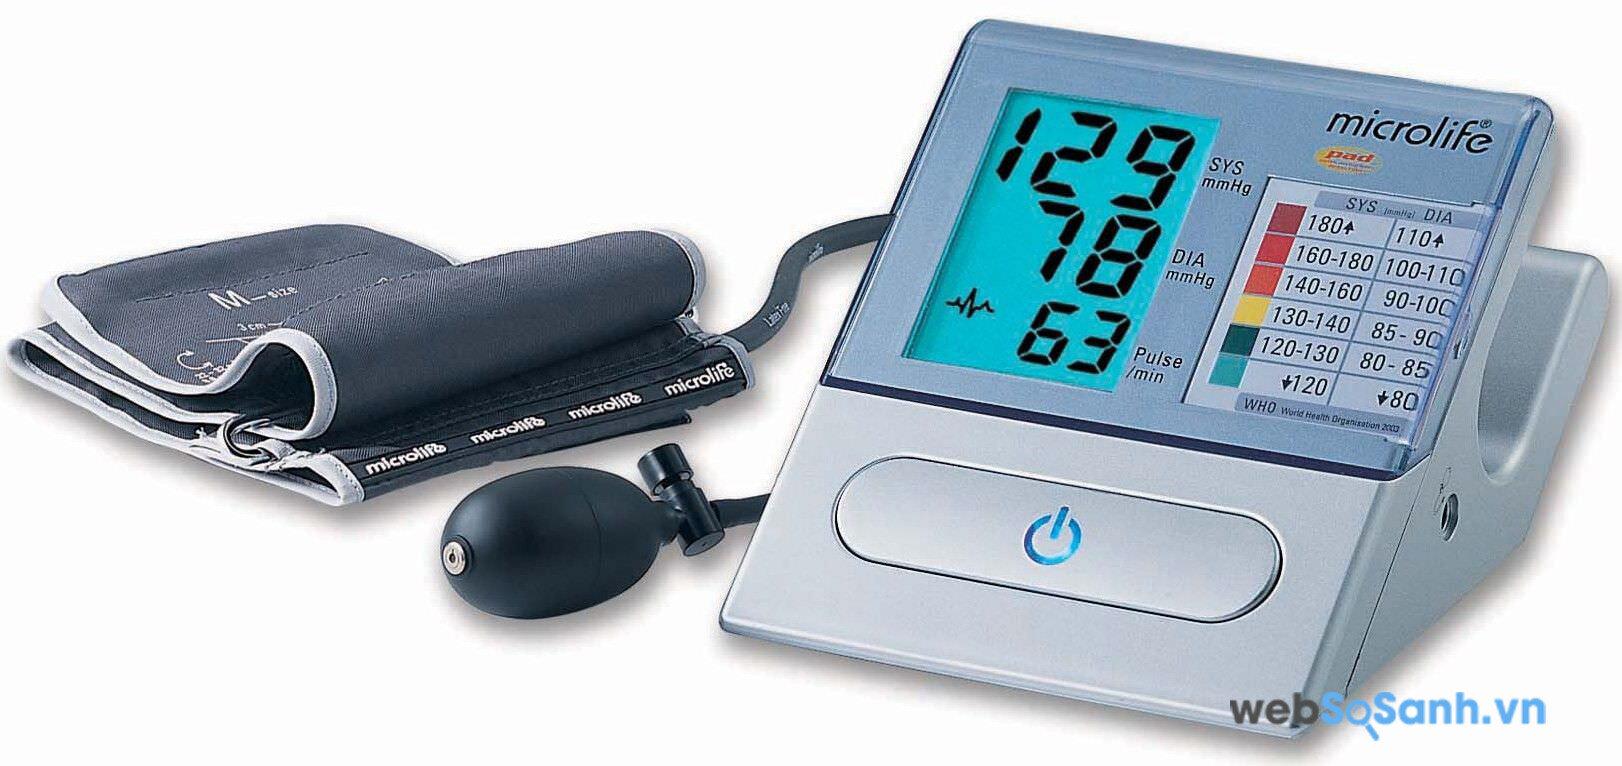 Máy đo huyết áp Microlife có tốt không?